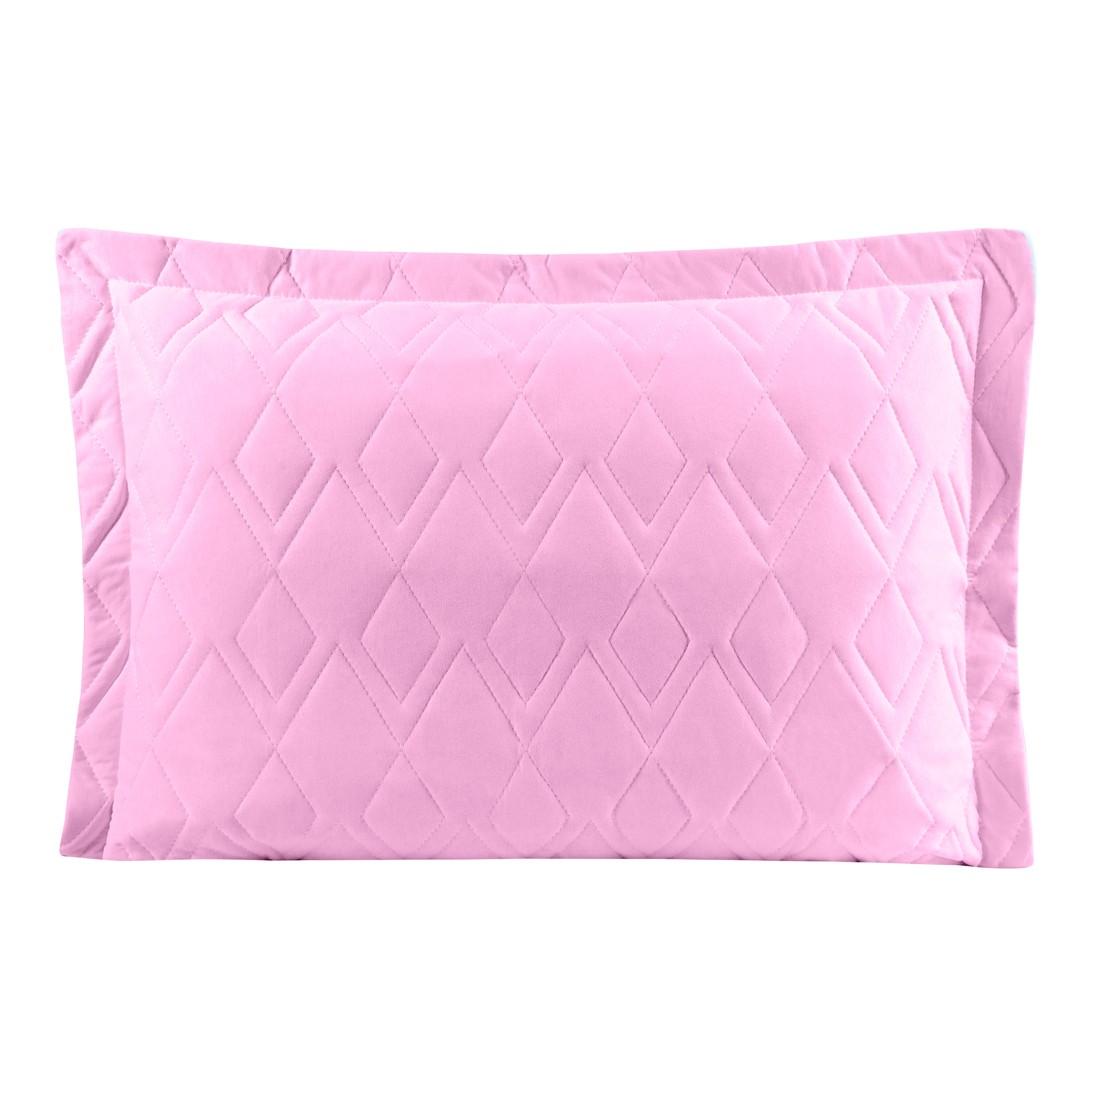 Porta Travesseiro Avulso Rosa Amora em Malha 100% Algodão 150g/m2